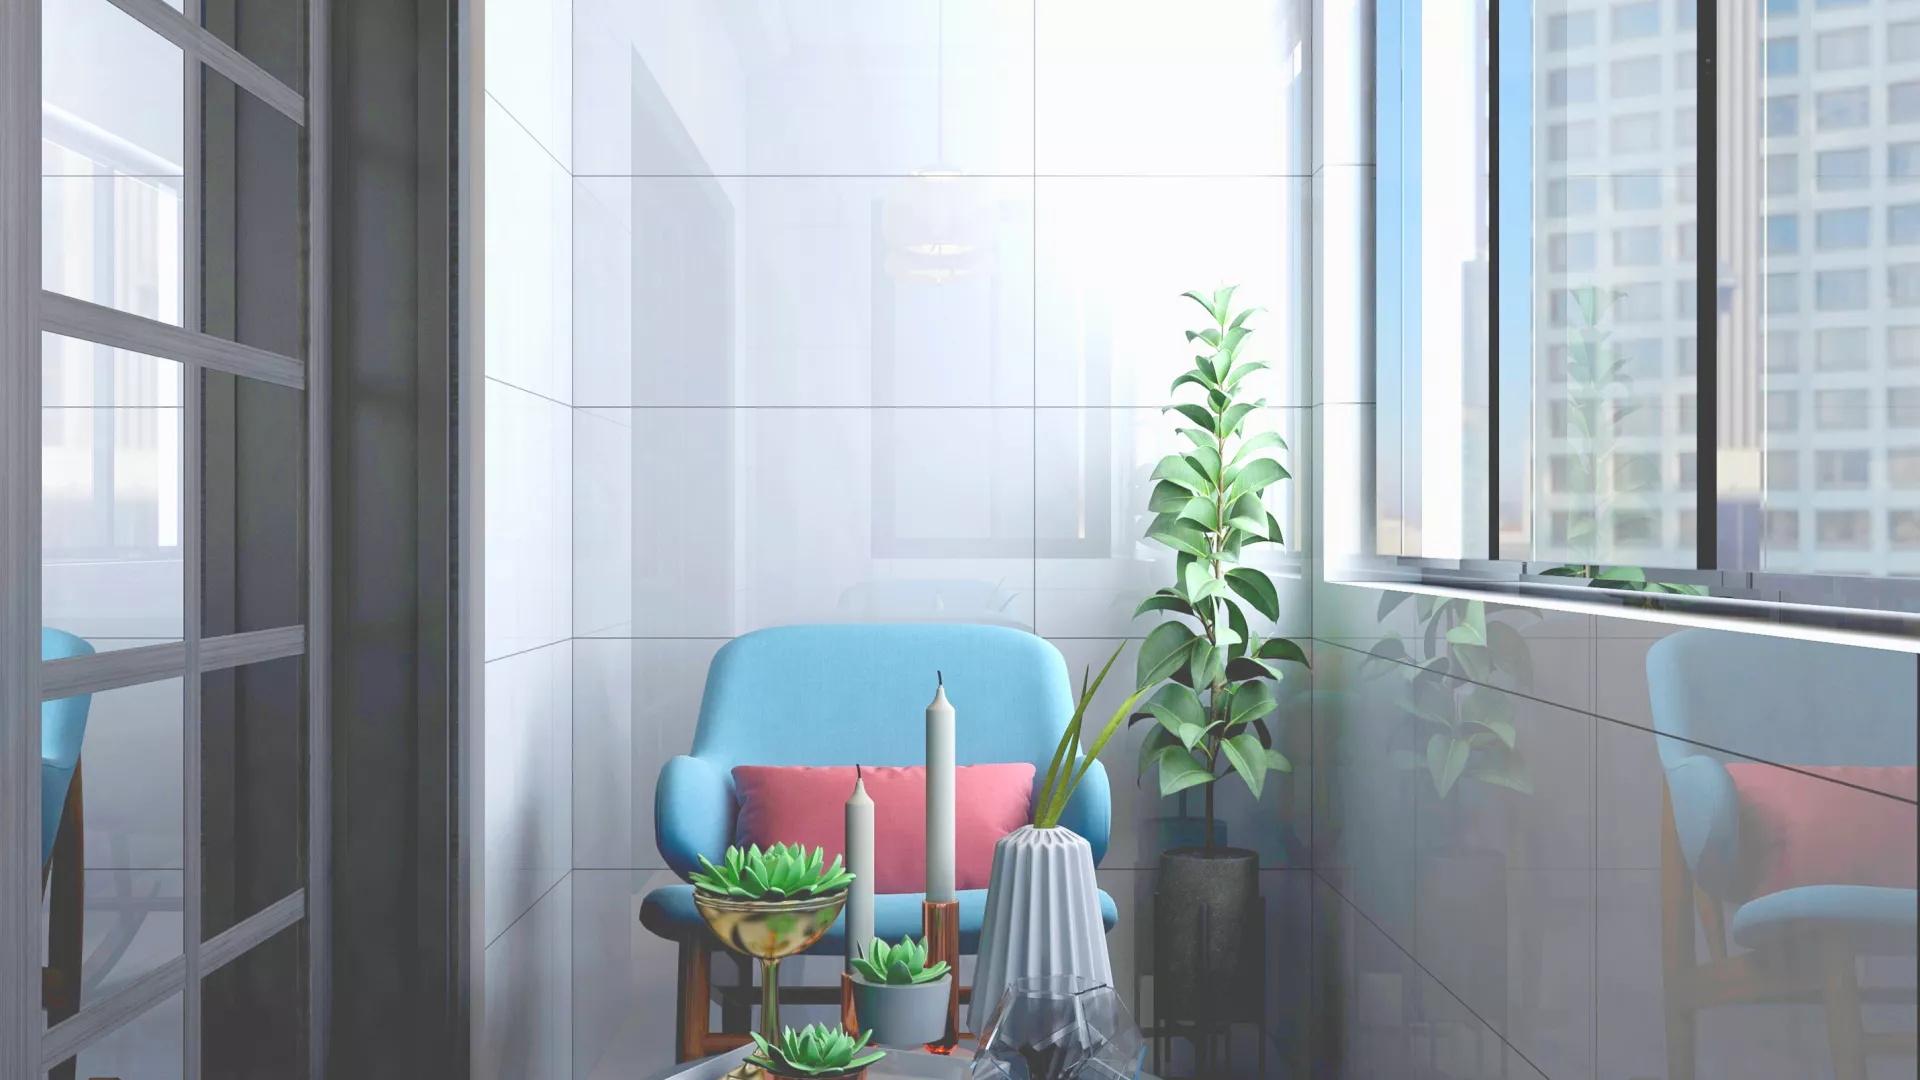 不同家居风格的特点 家庭装修风格有哪些